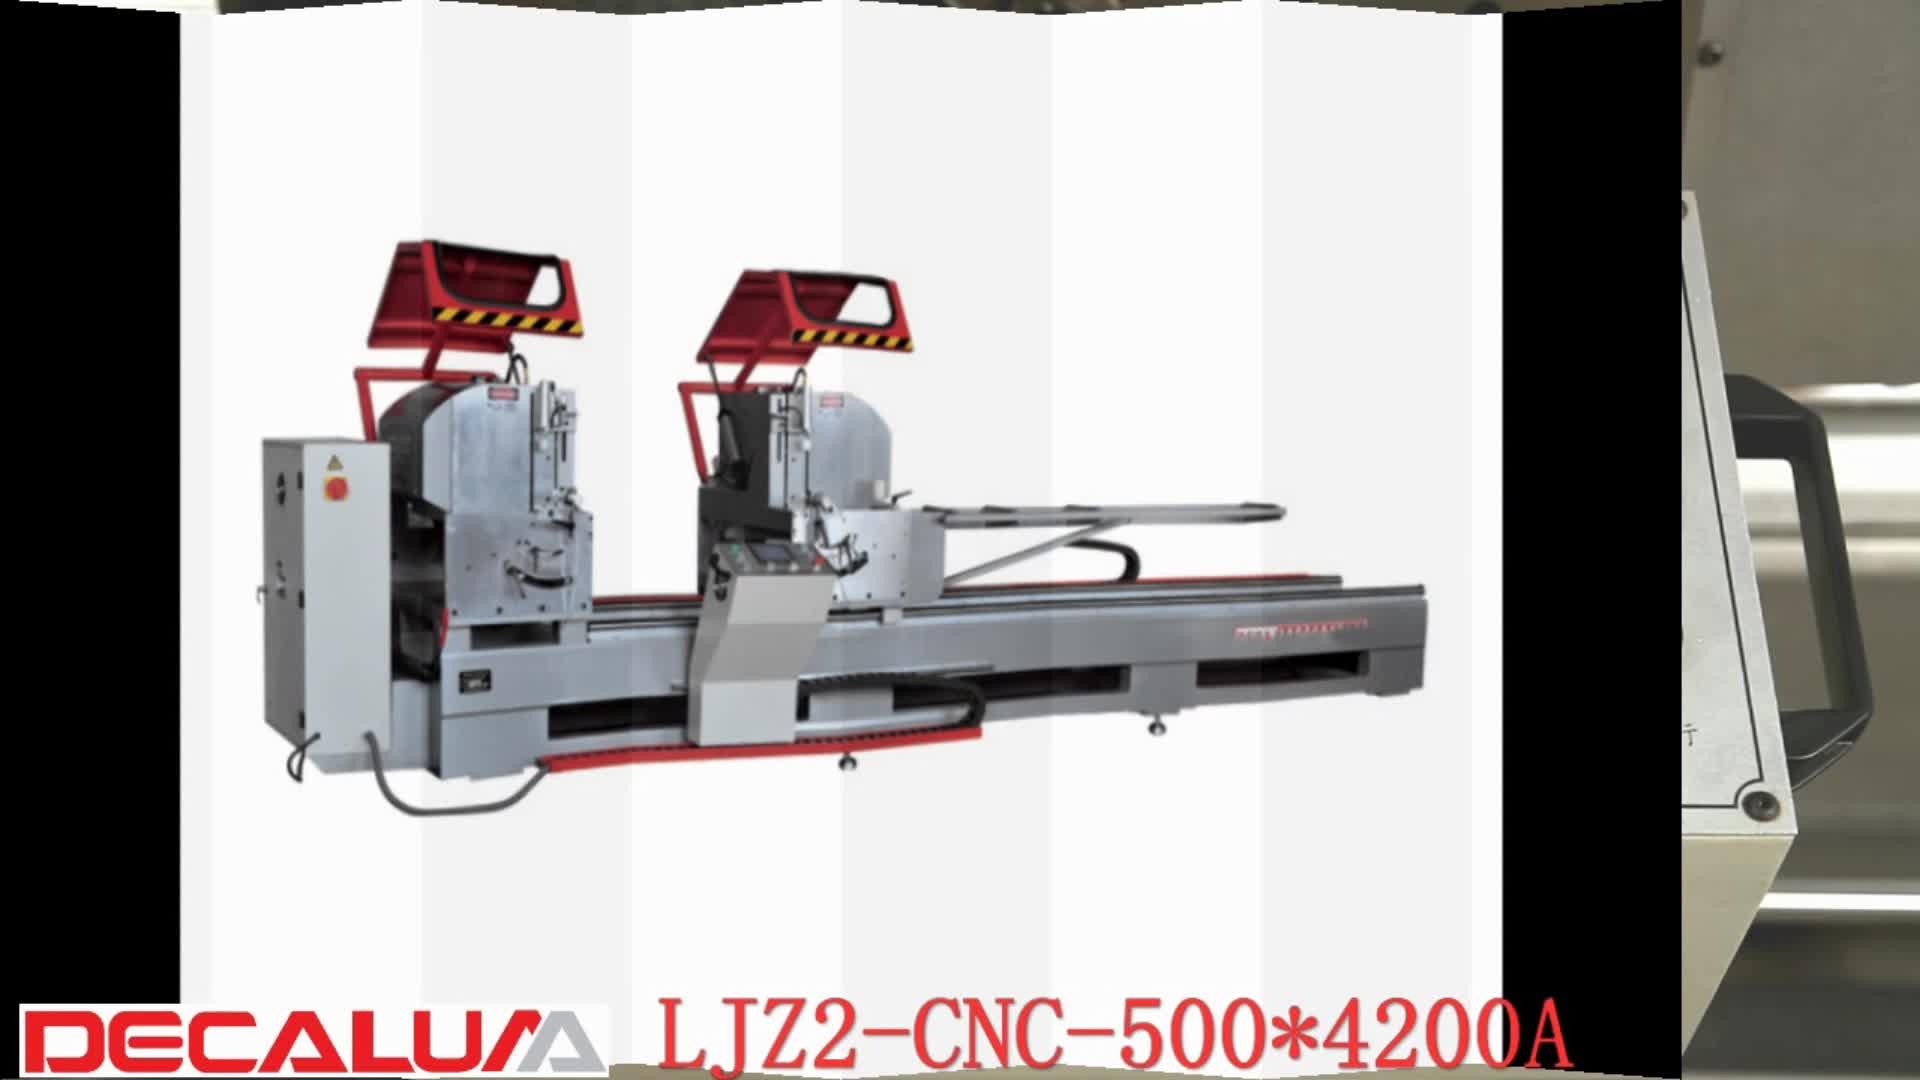 CNC Dubbele Hoofd Precisie Snijden Mitre Saw Aluminium Window Deur Productie Machine